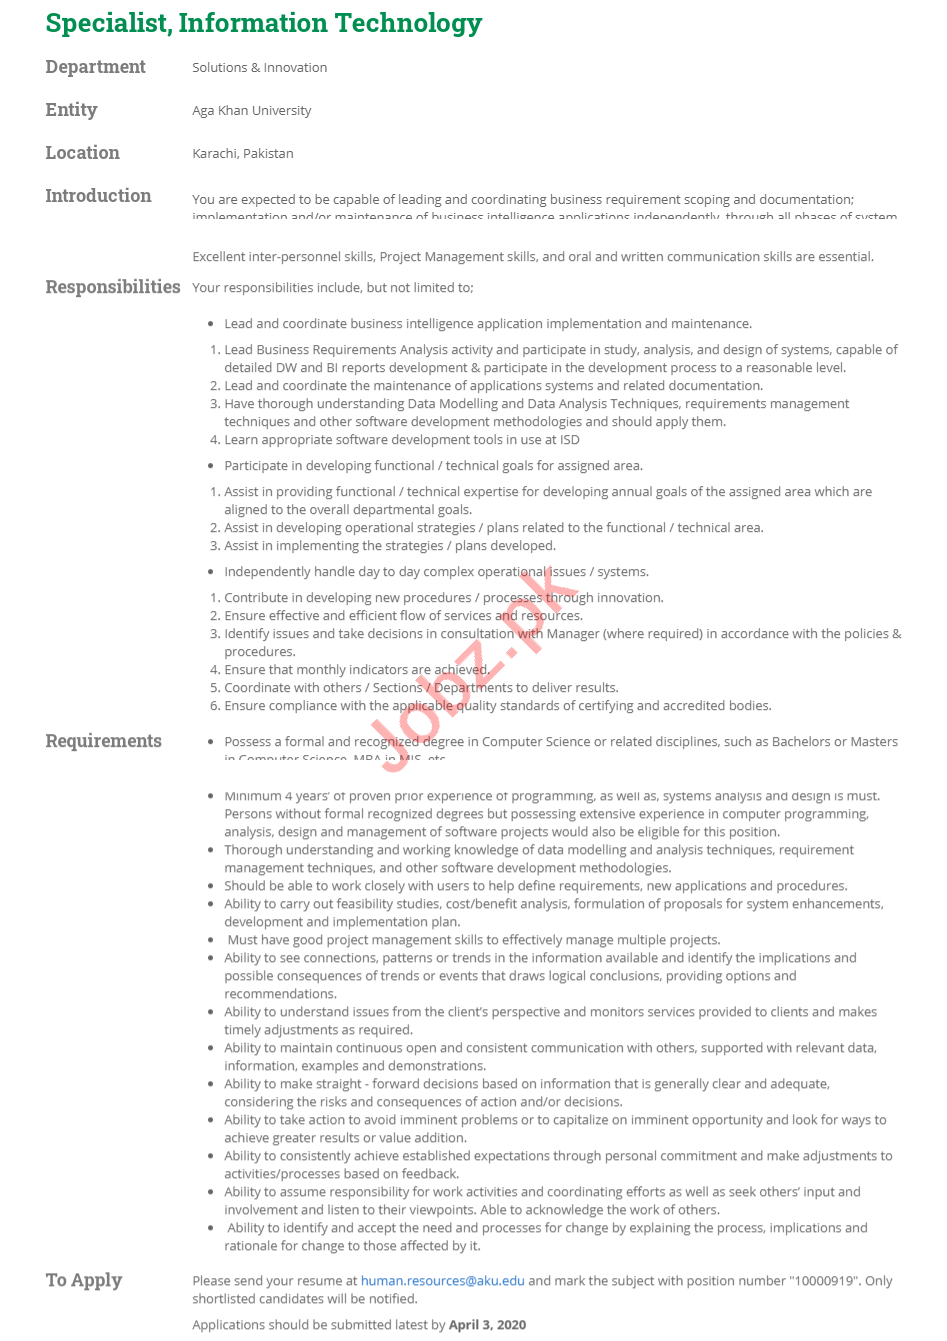 Aga Khan University AKU Karachi Jobs 2020 Specialist IT